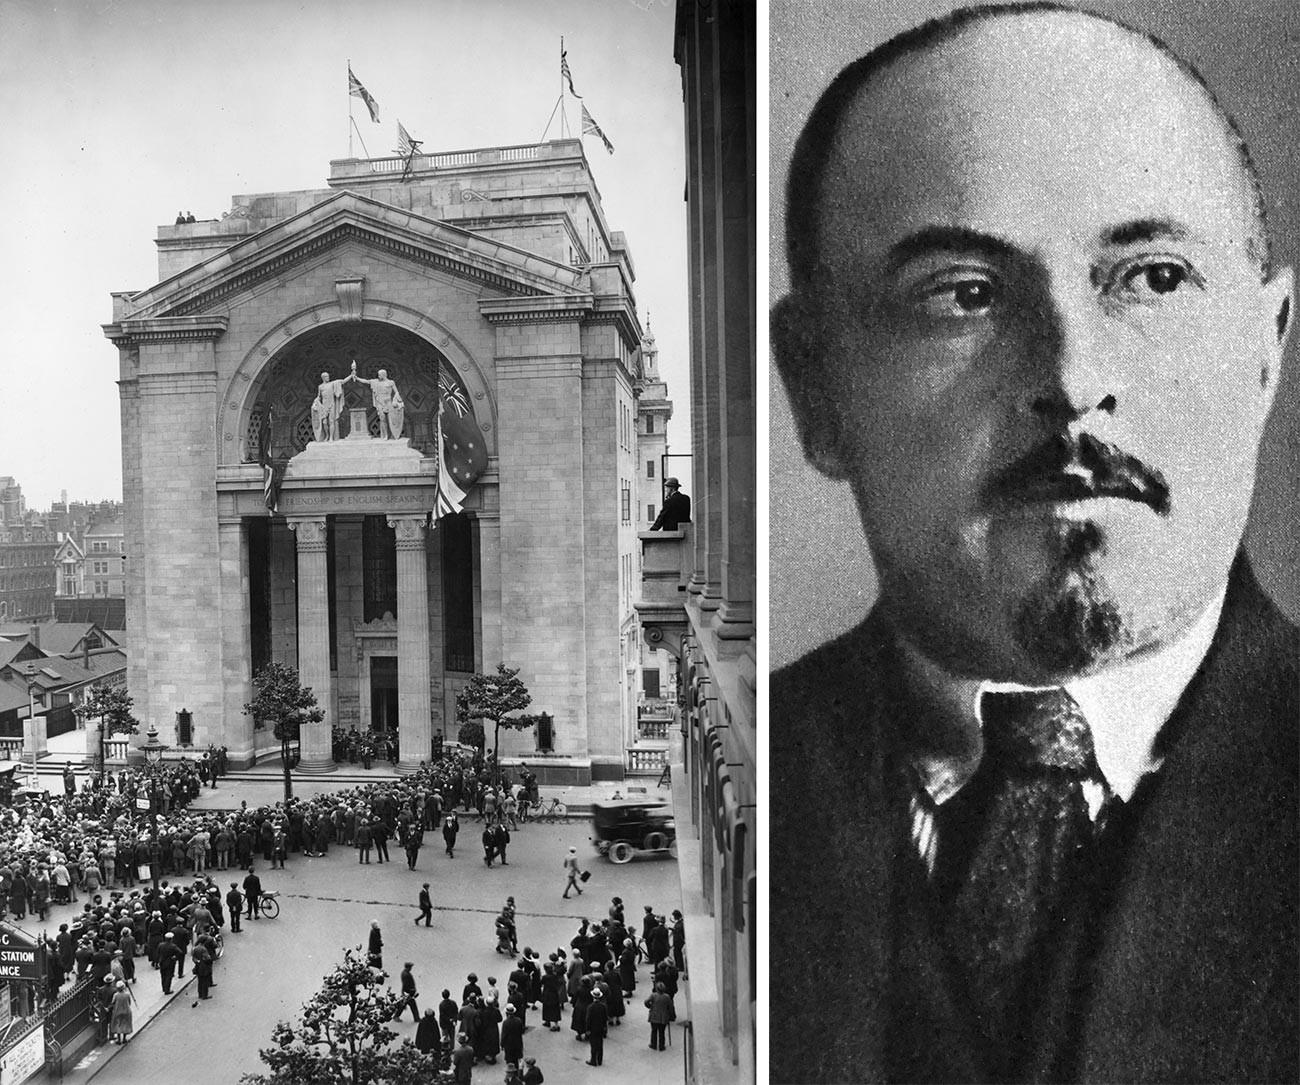 Председател на търговската делегация, г-н Хинчук, представляващ ARCOS 1927. Общоруското кооперативно дружество (ARCOS) е основният орган, отговорен за организирането на англо-руската търговия в ранните дни на Съветска Русия, след развитието на новата икономическа политика на Ленин.